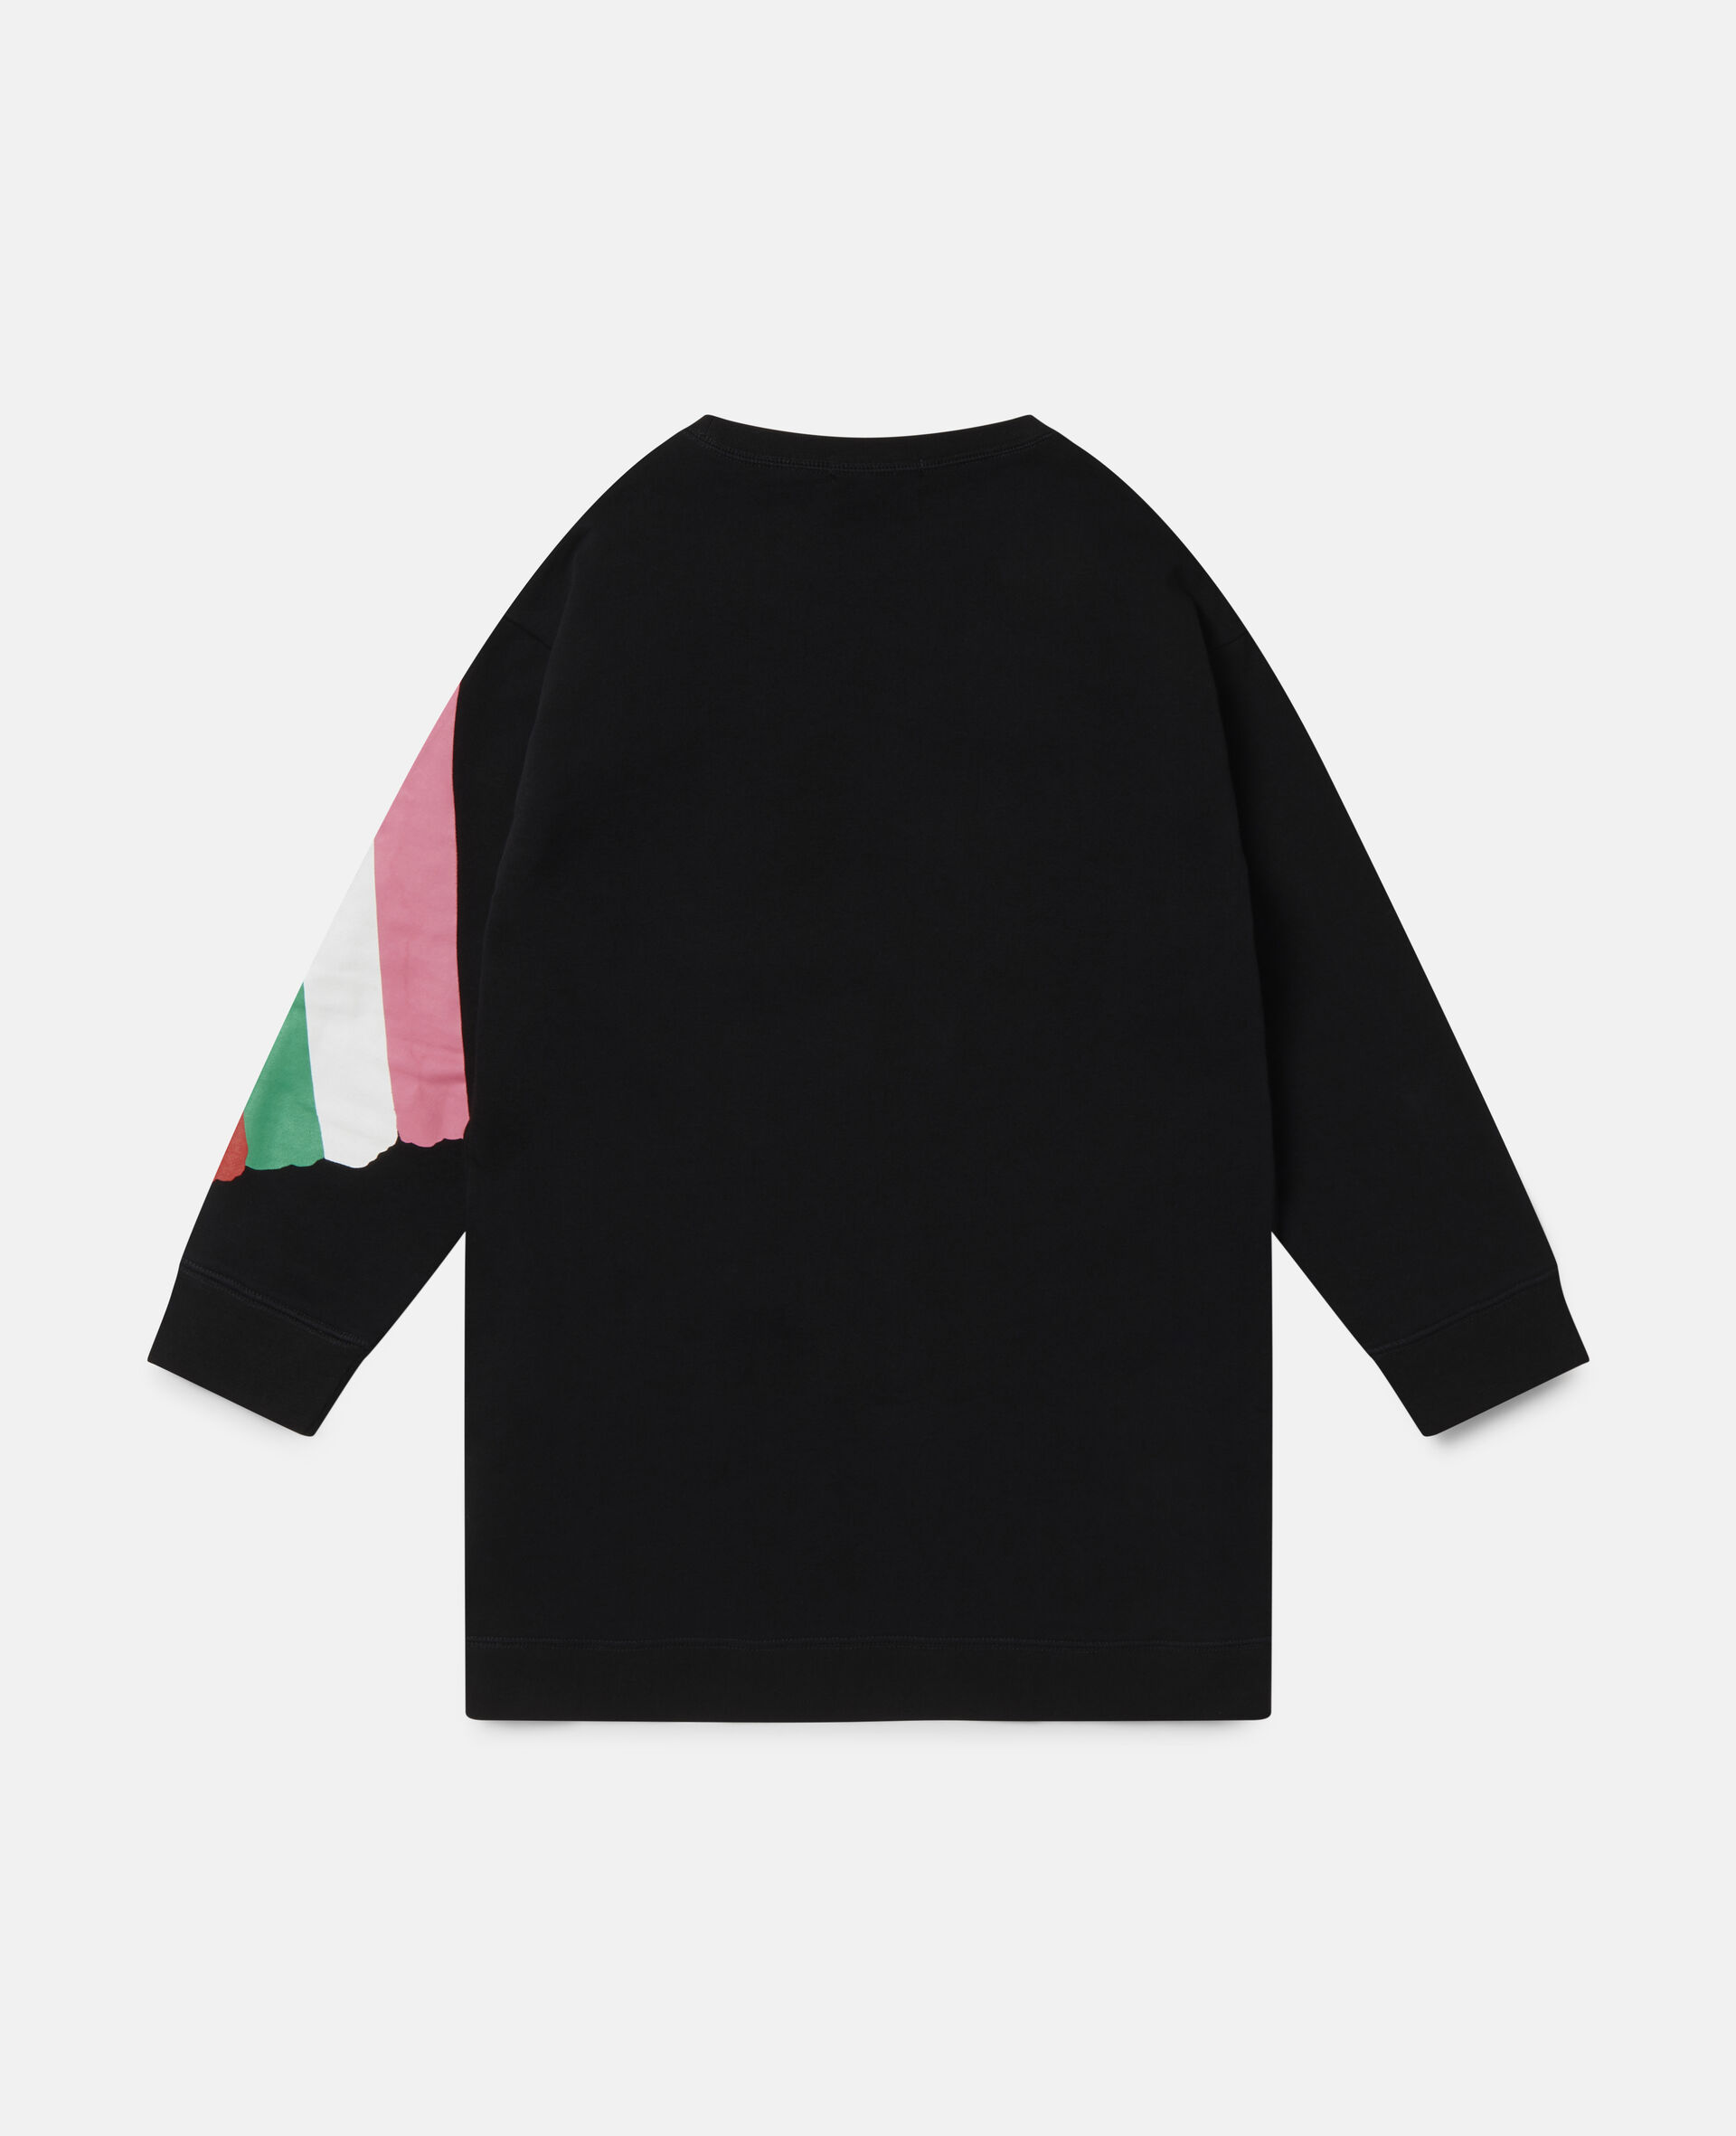 Kleid aus Baumwollfleece mit Pinsel-Print-Schwarz-large image number 3